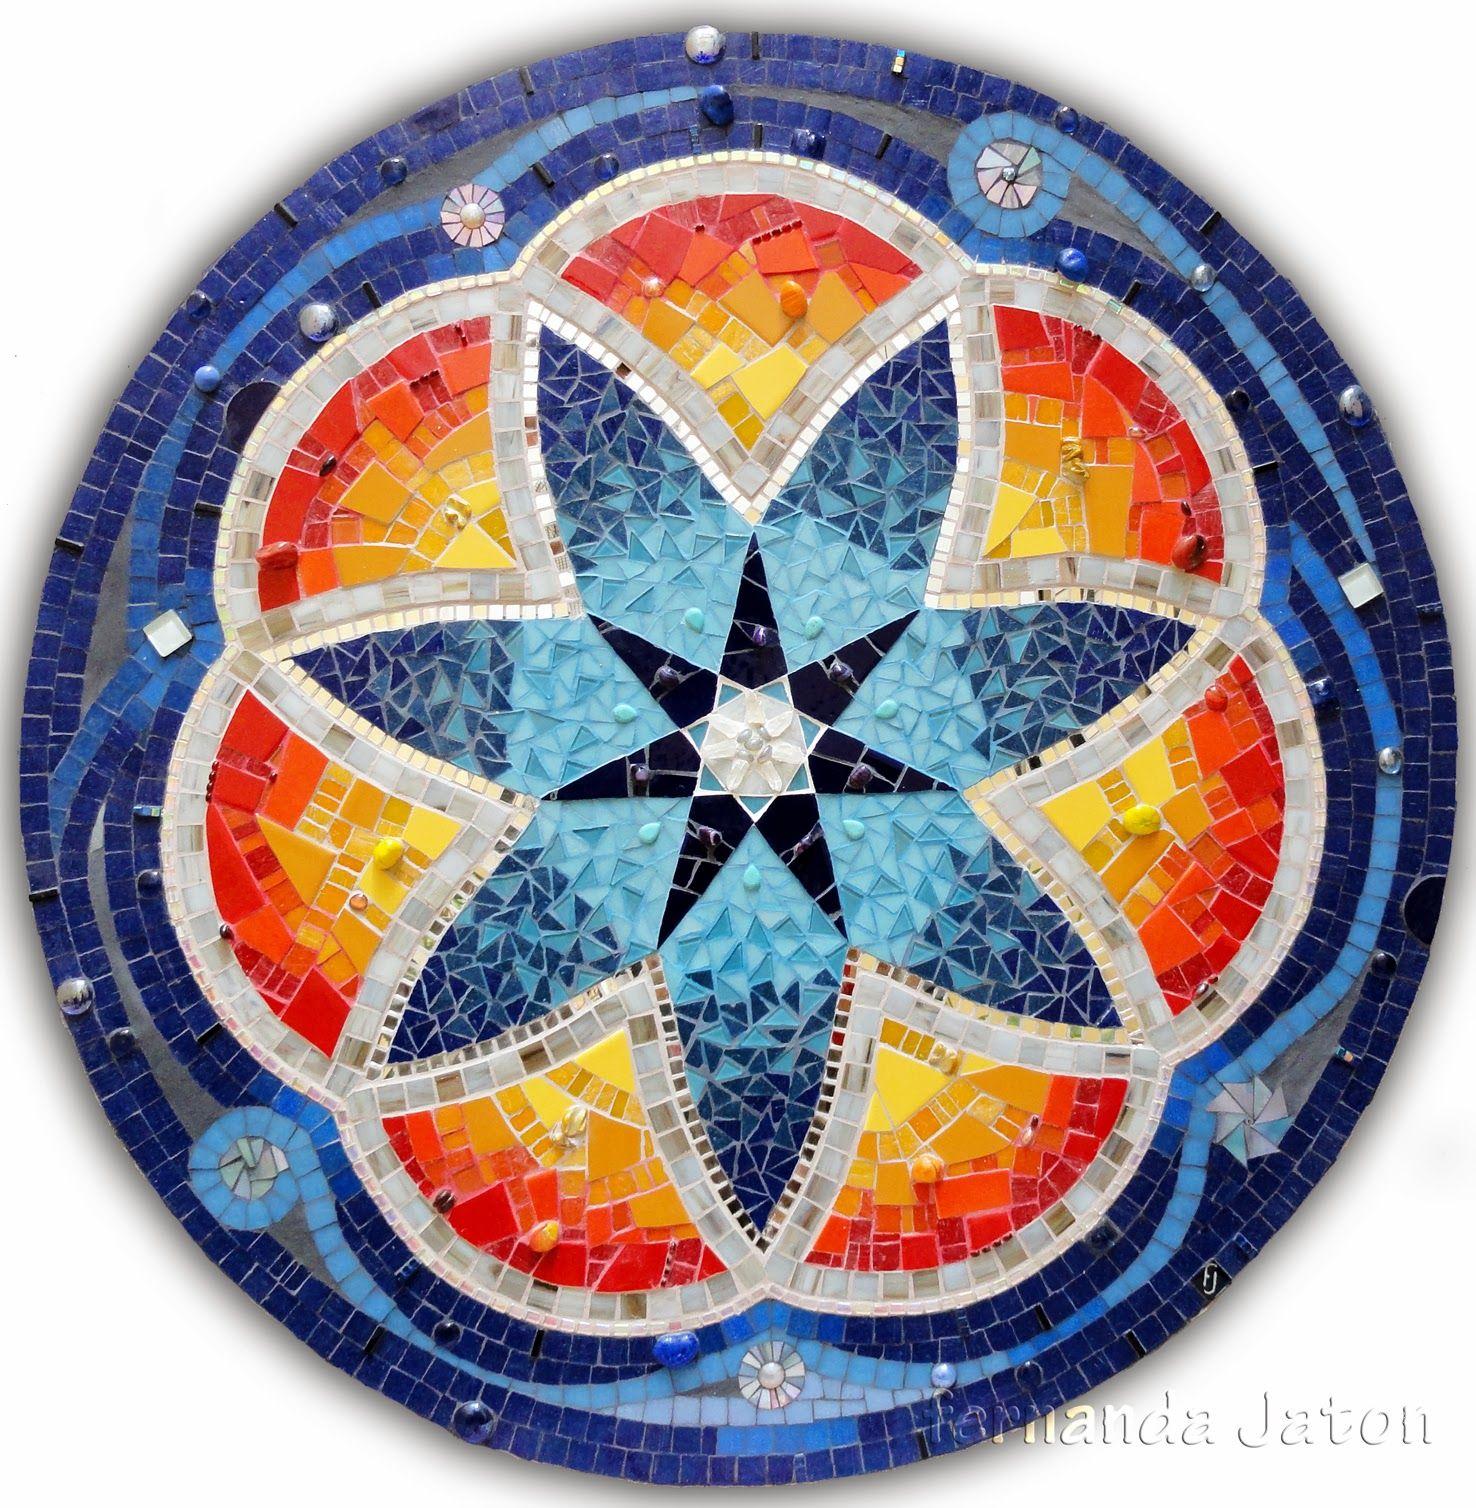 Mosaico creativo de fj mosaic art obra dise o for Disenos para mosaicos